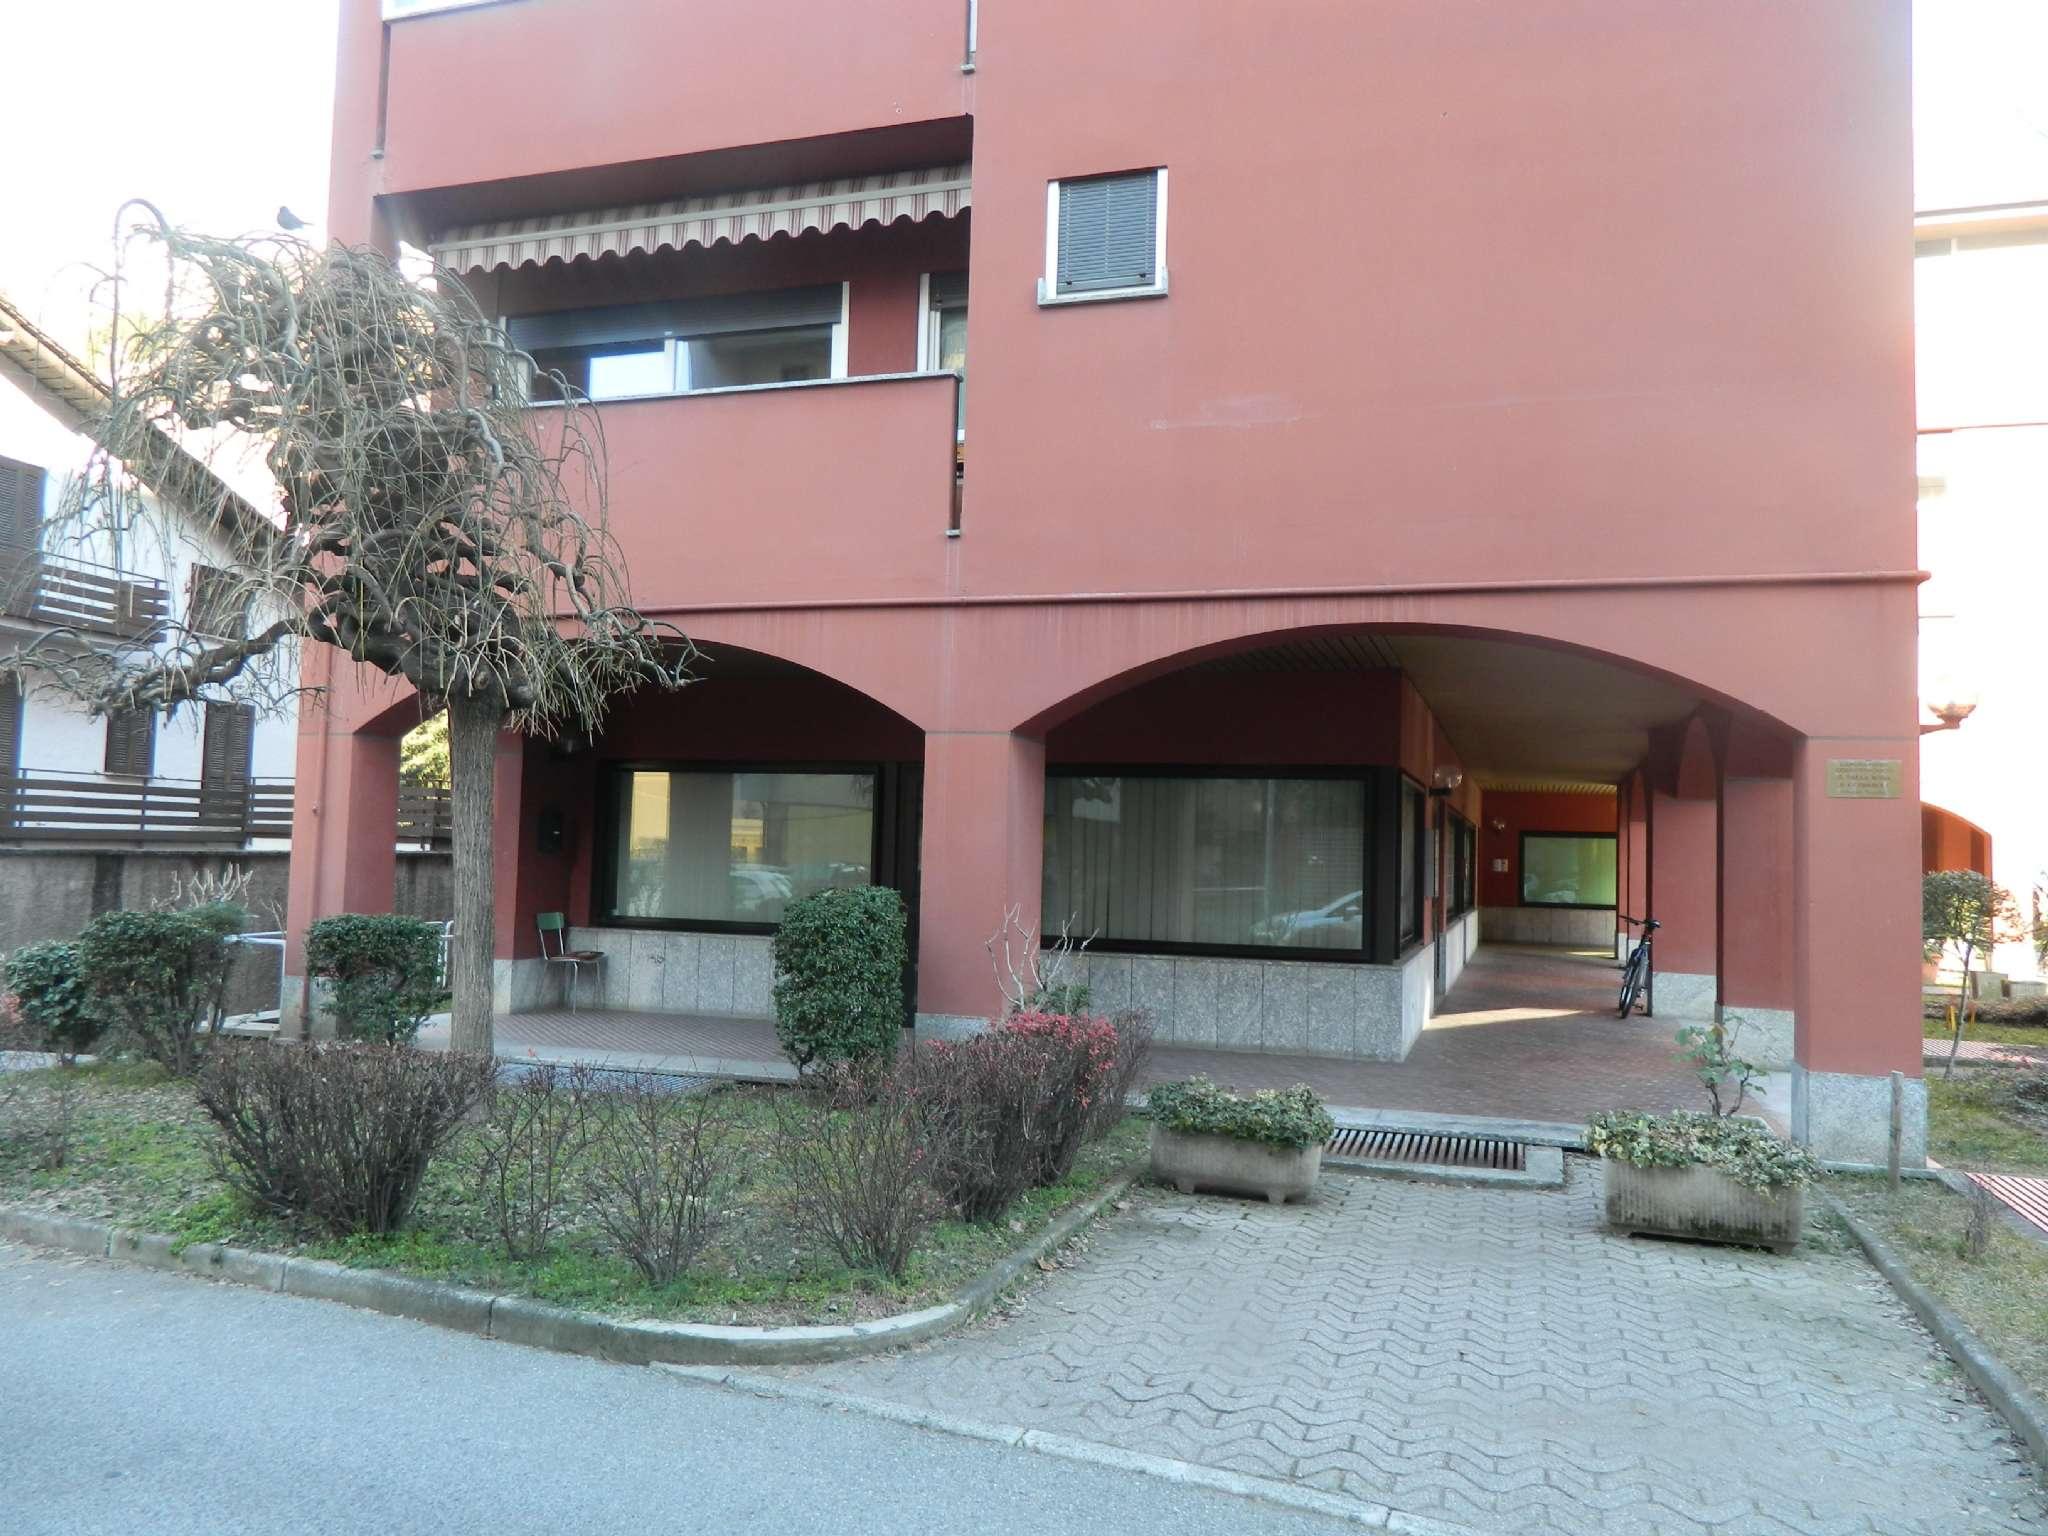 Negozio / Locale in vendita a Sondrio, 9999 locali, Trattative riservate | PortaleAgenzieImmobiliari.it